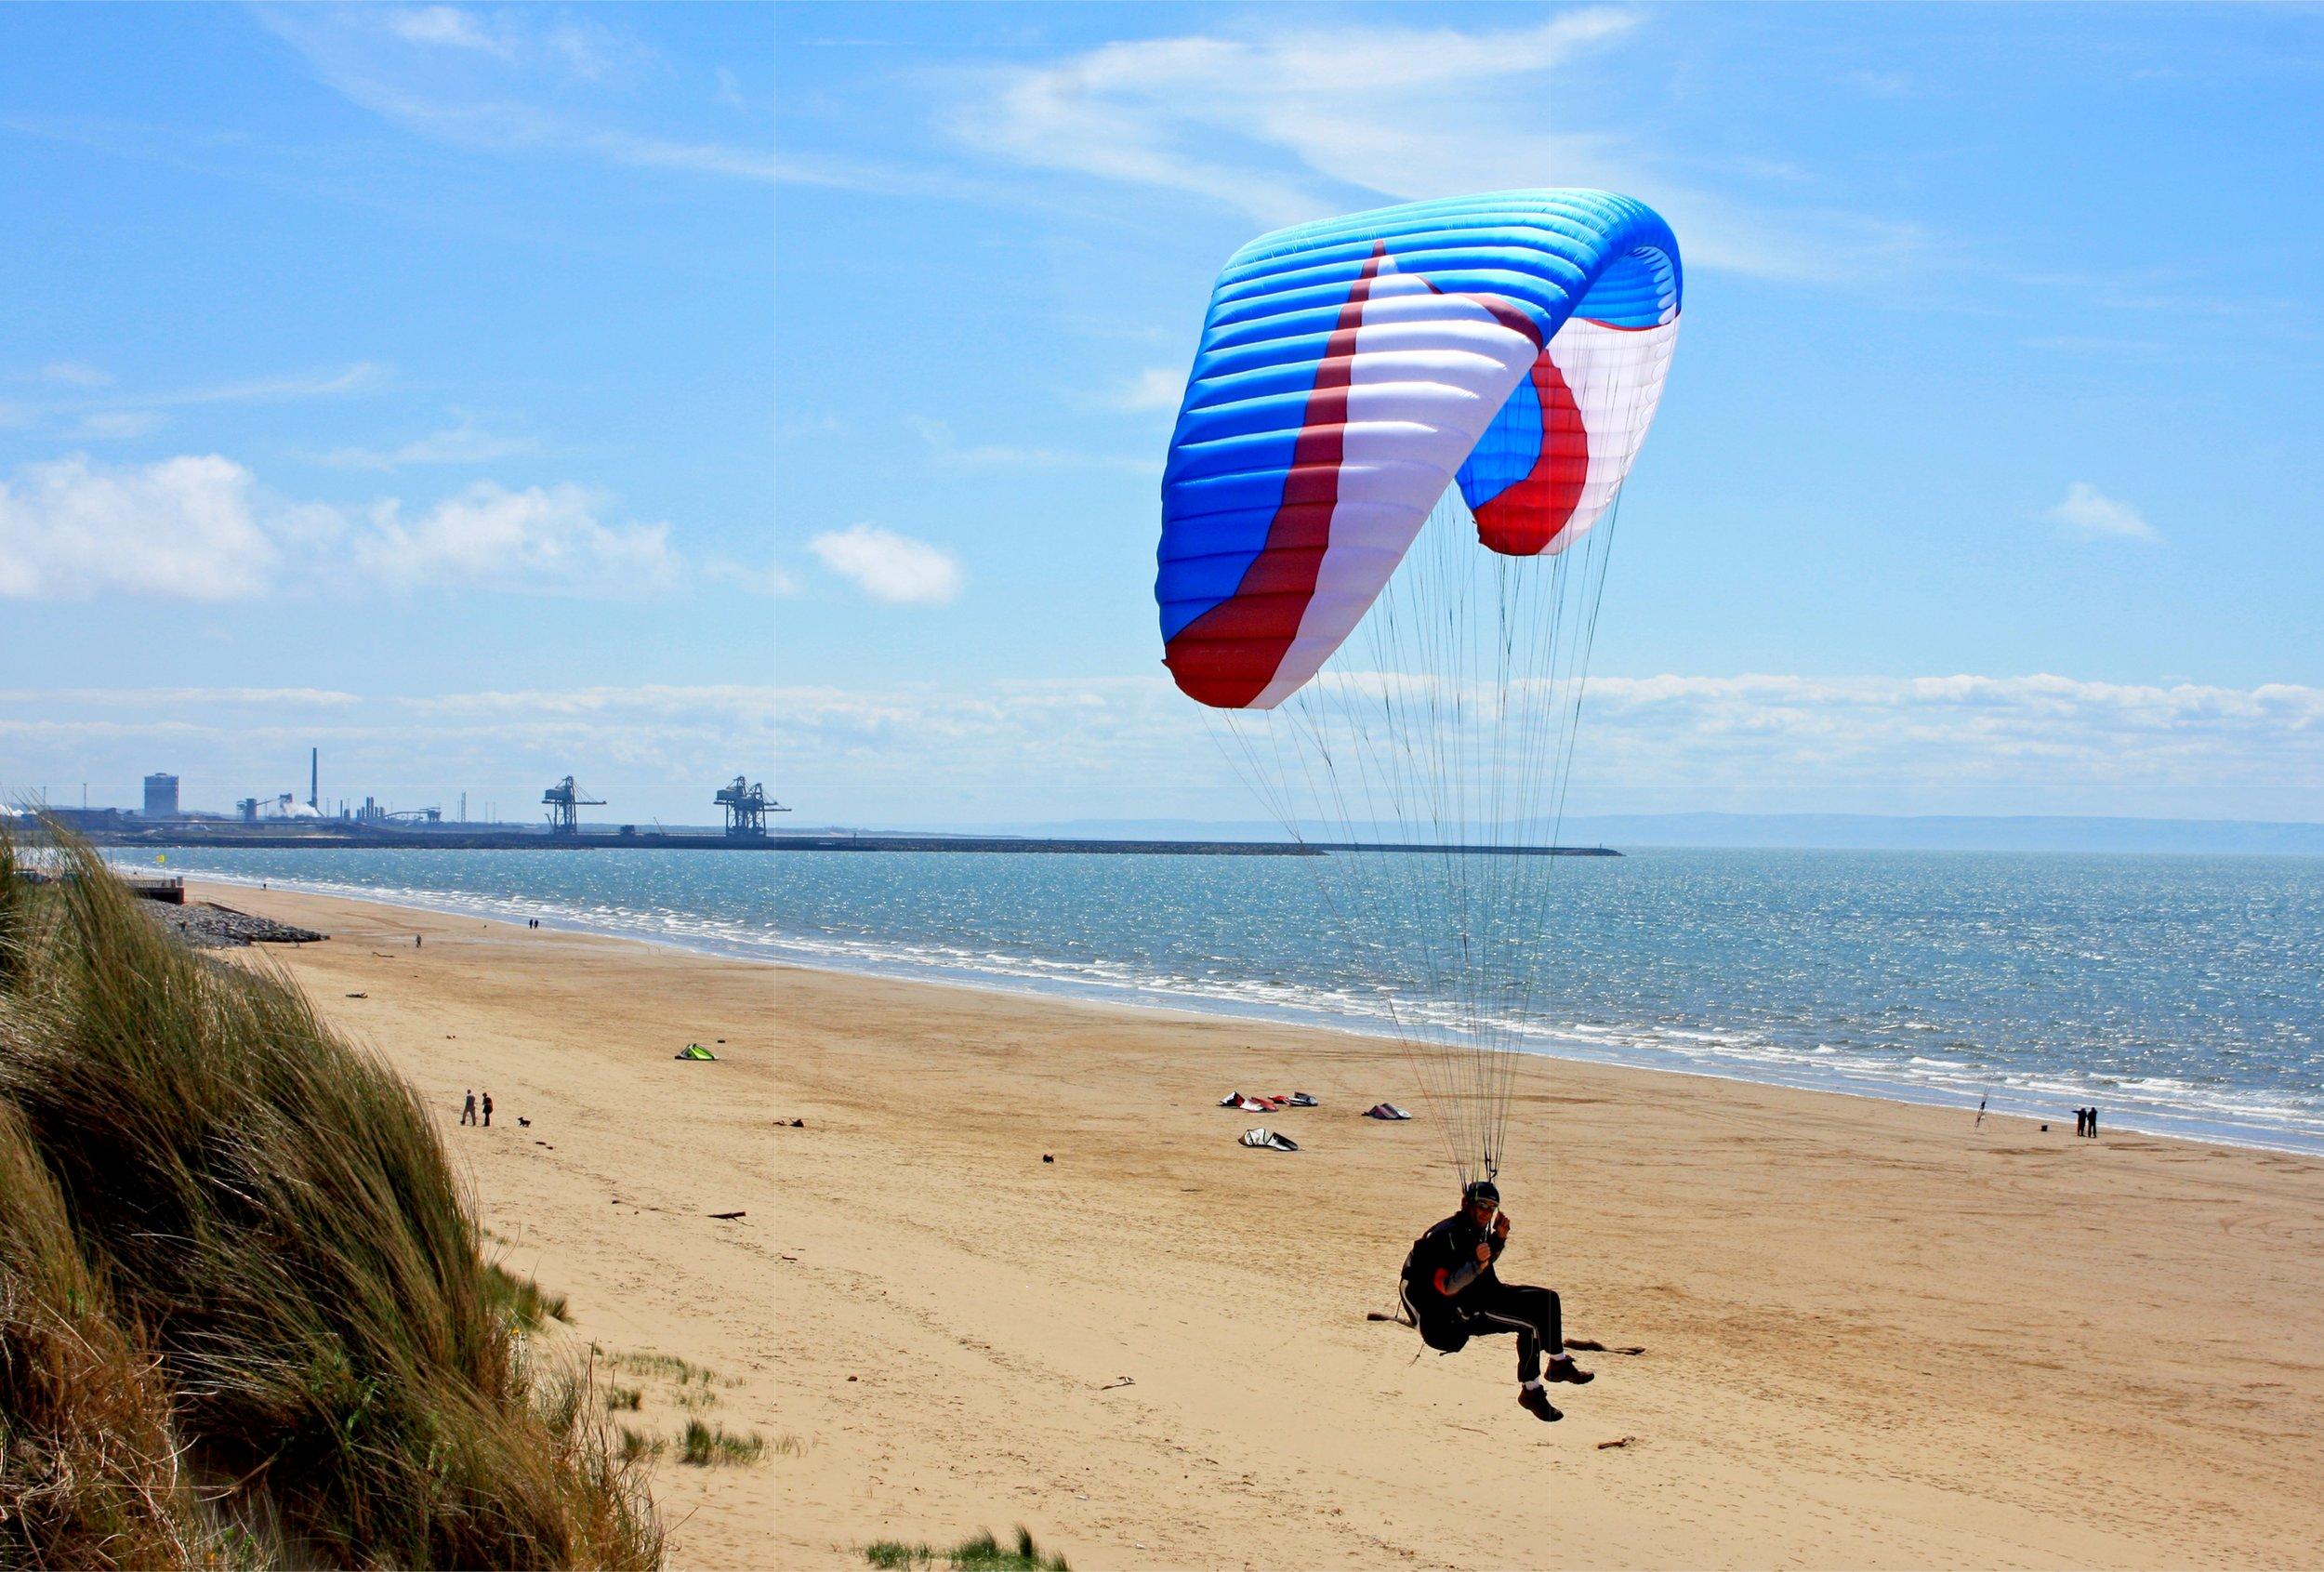 ParagliderAberavonBeach.jpg